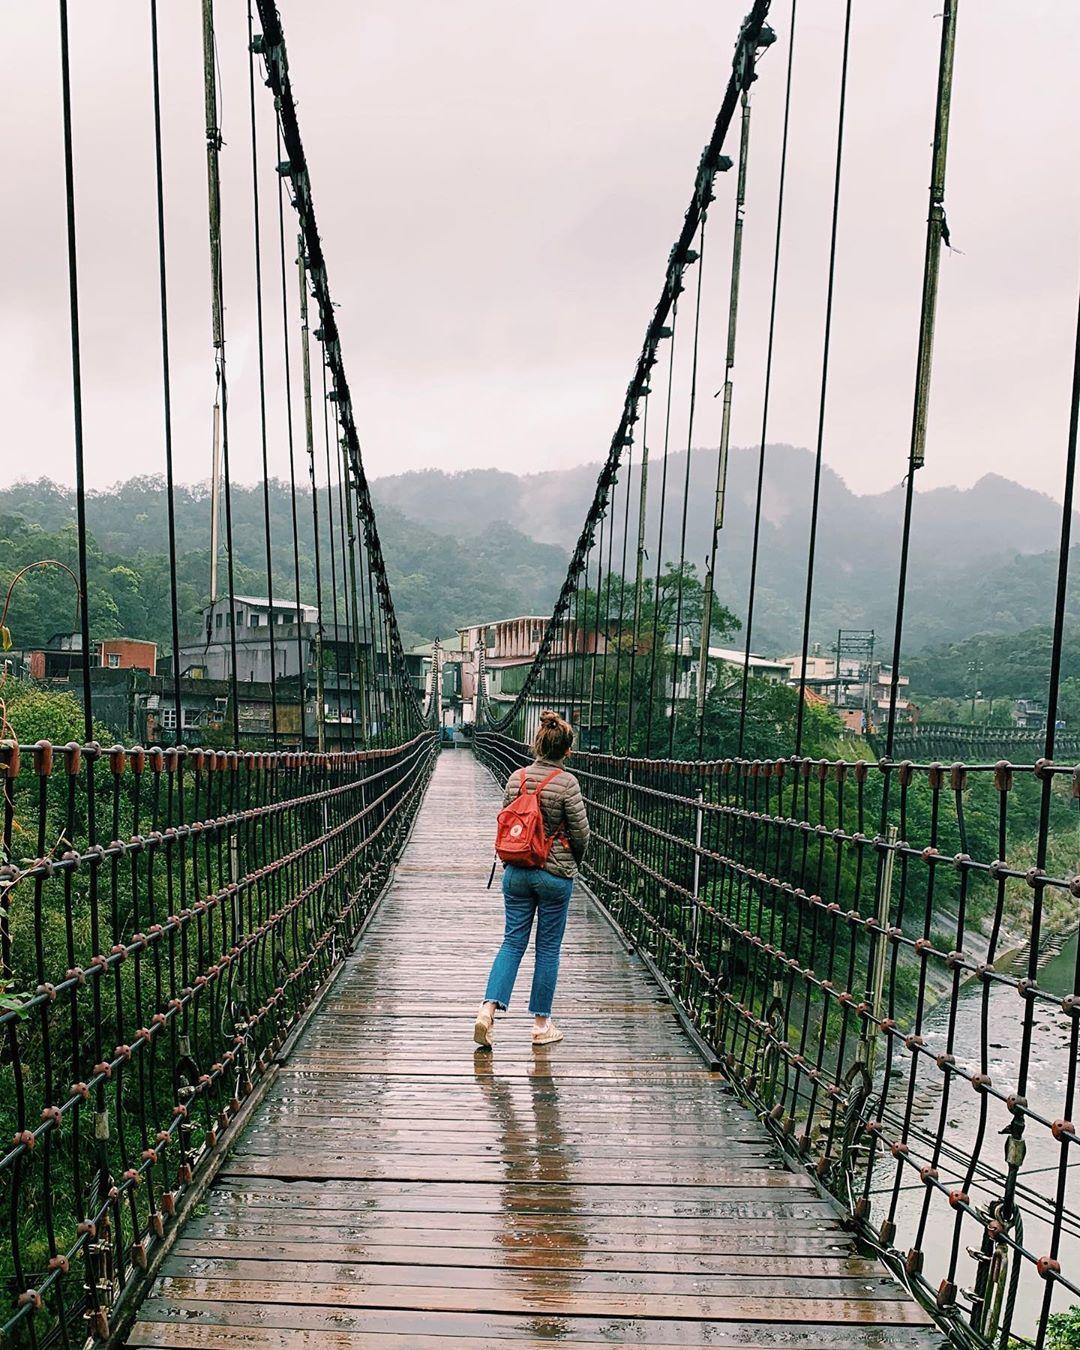 十分吊桥-台湾精彩行程